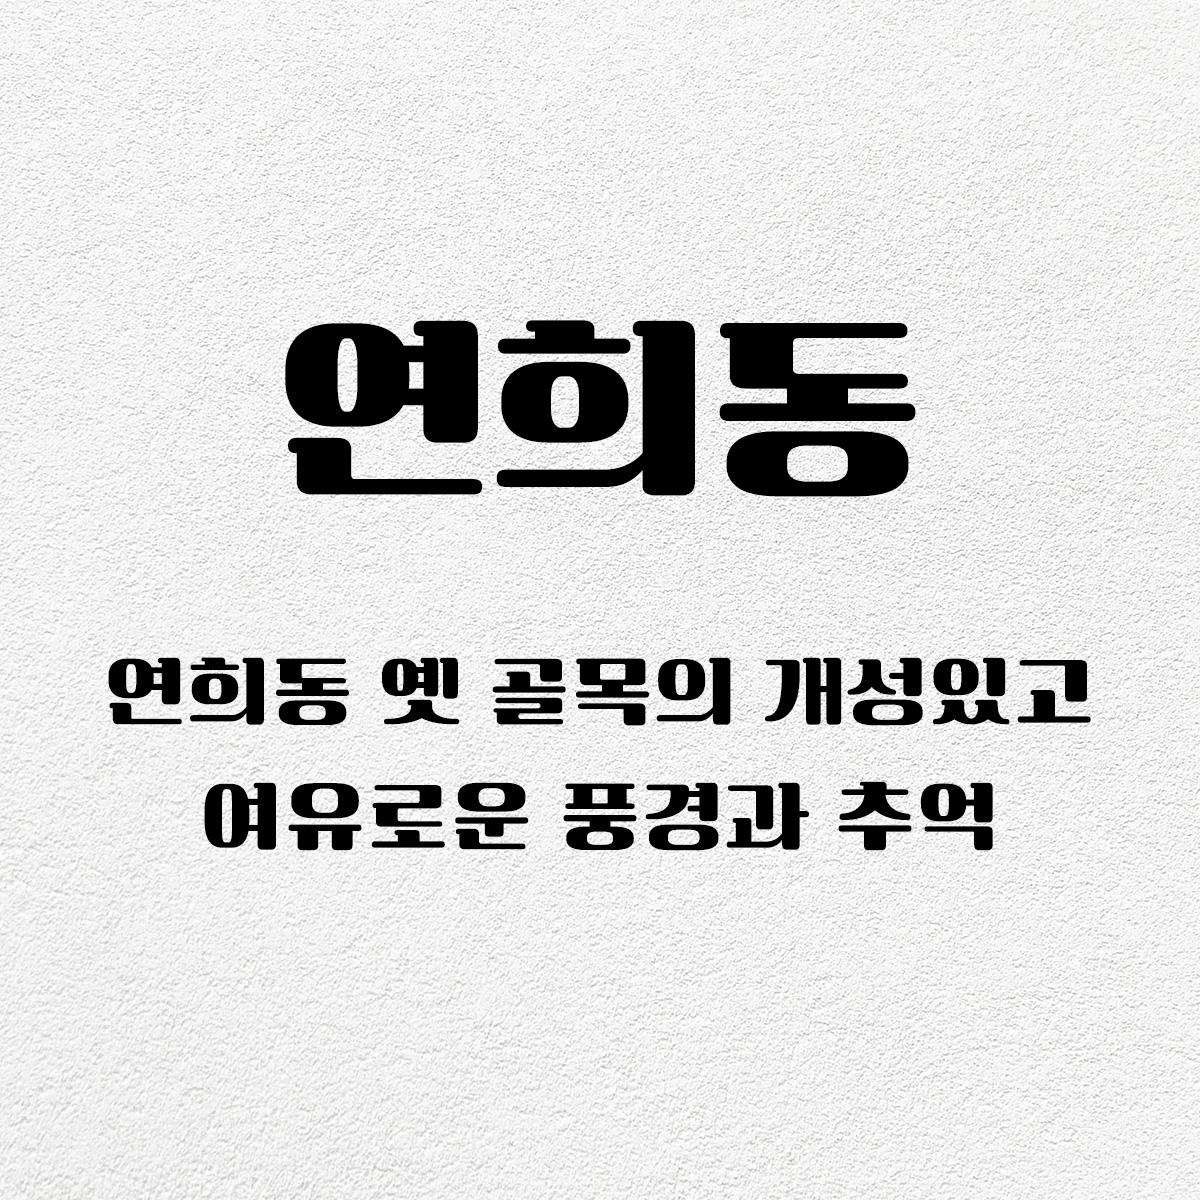 타이포_연희동